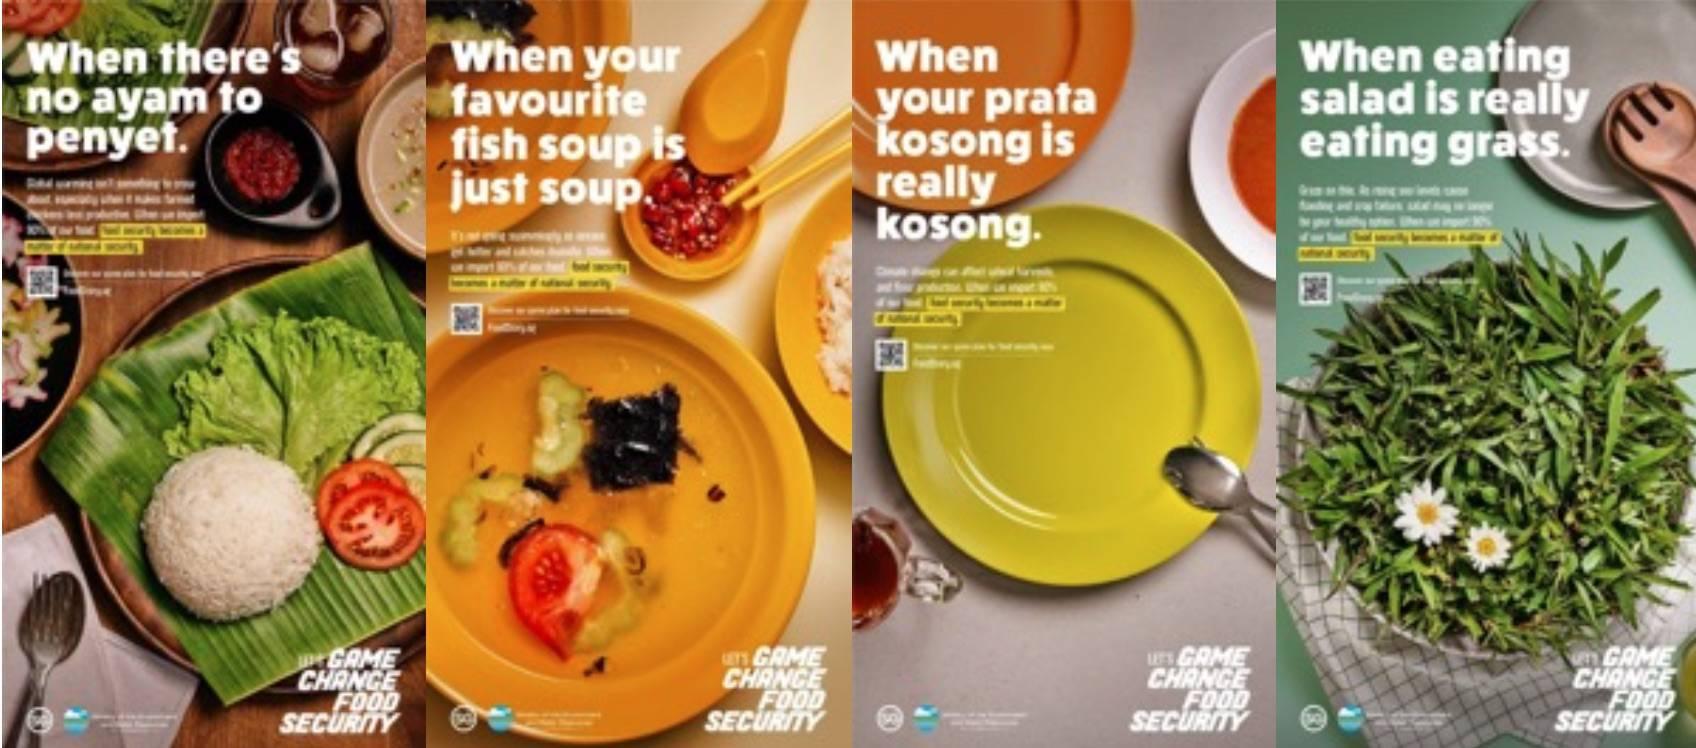 Campagne lancée par le gouvernement singapourien pour sensibiliser les citoyens aux enjeux de la sécurité alimentaire (Let's game change food security), 2020